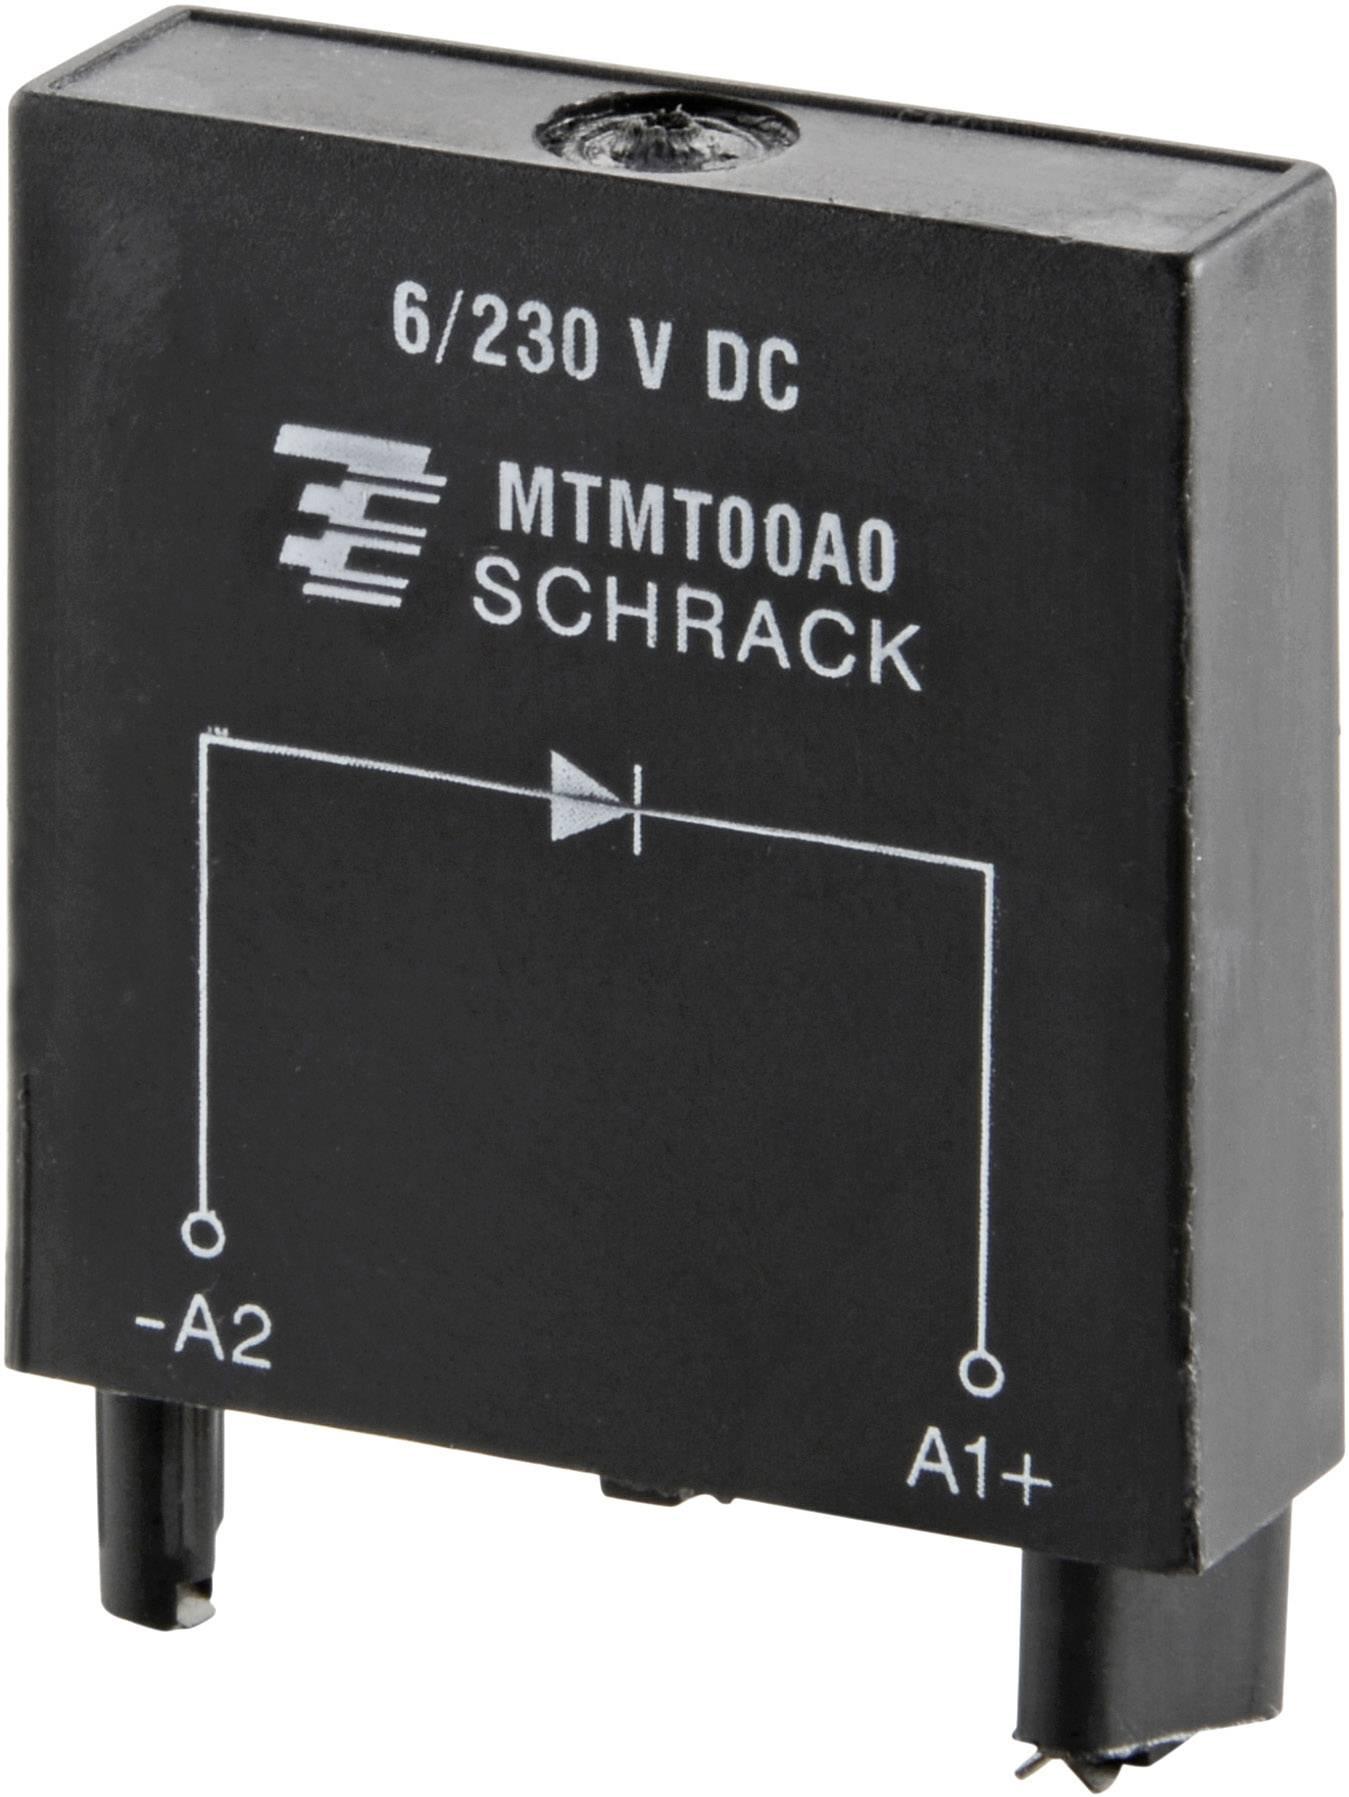 Příslušenství pro relé svíce módy MT TE Connectivity 7-1393163-6, MTMT00A0 =M21